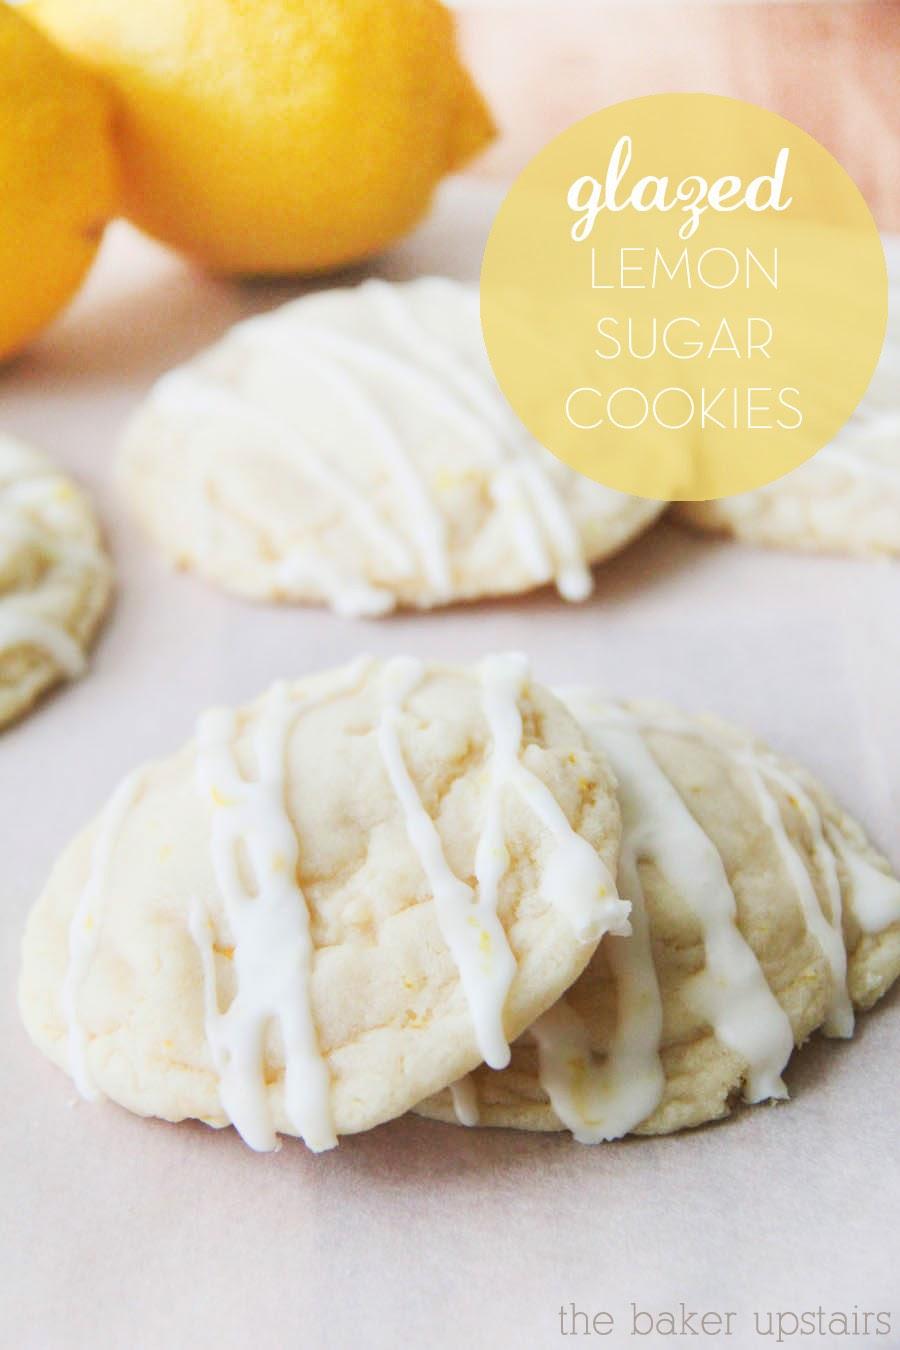 the baker upstairs: glazed lemon sugar cookies